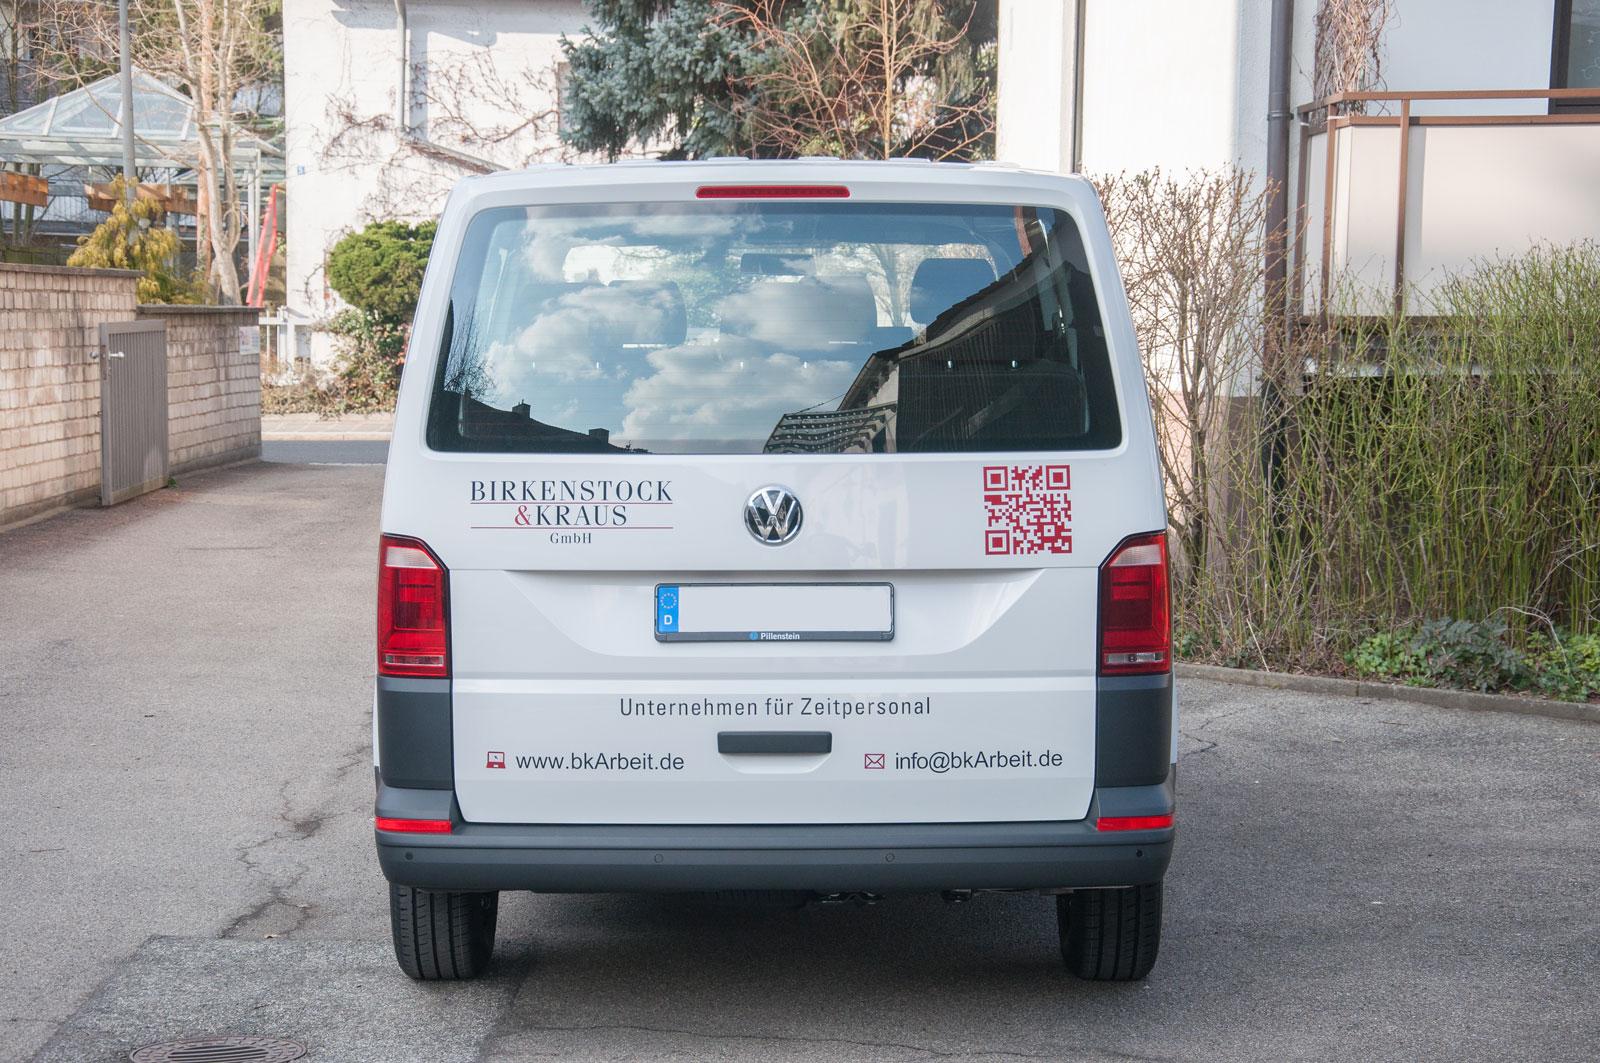 Beklebung vom Firmenwagen von Birkenstock & Kraus GmbH